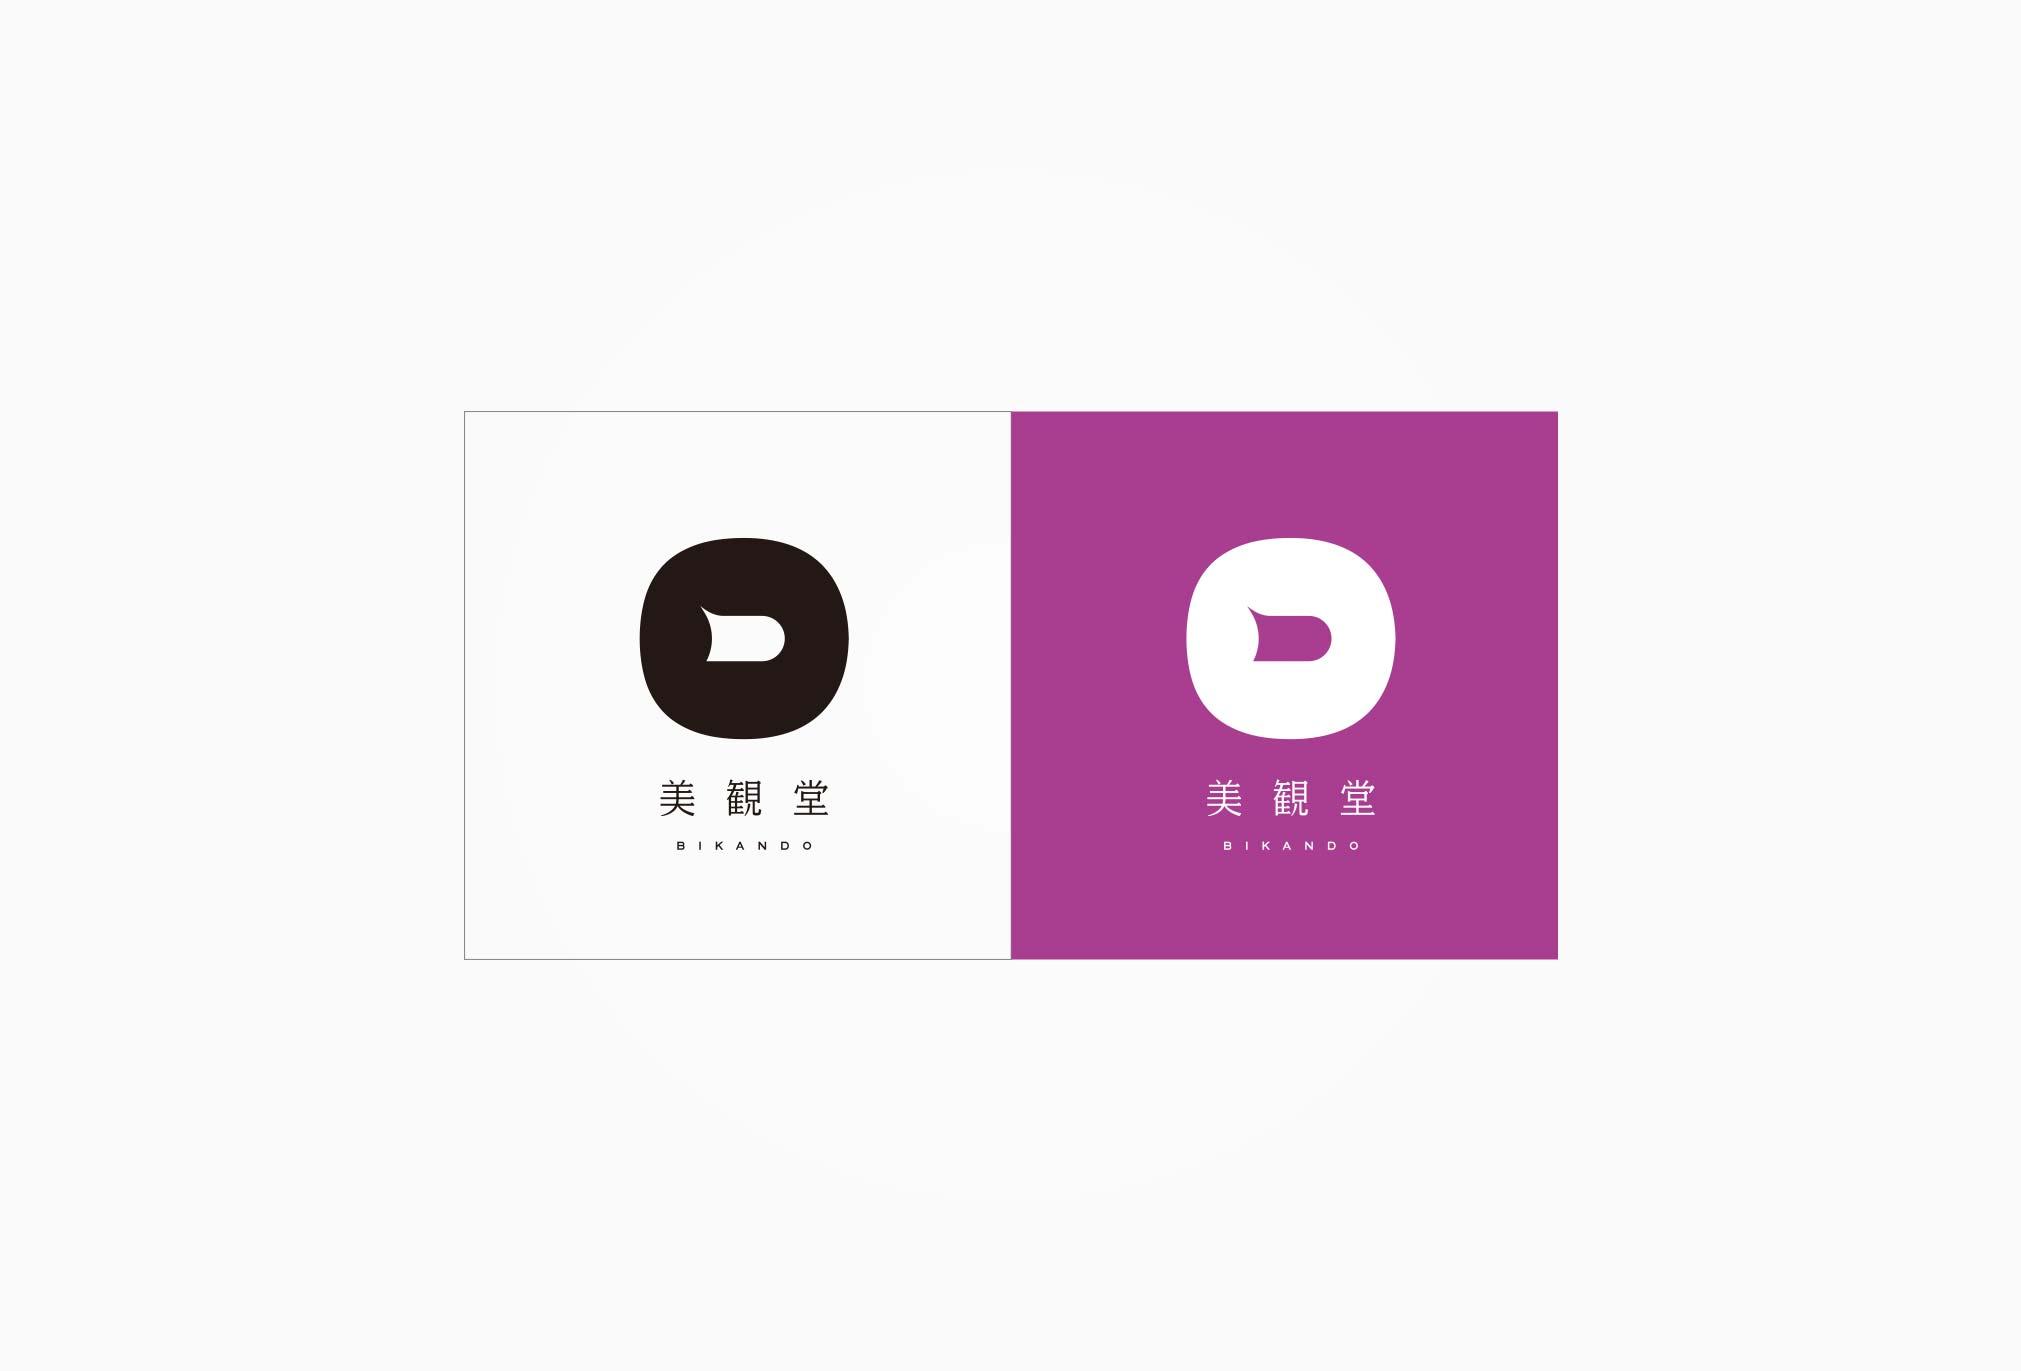 bikando_logo5